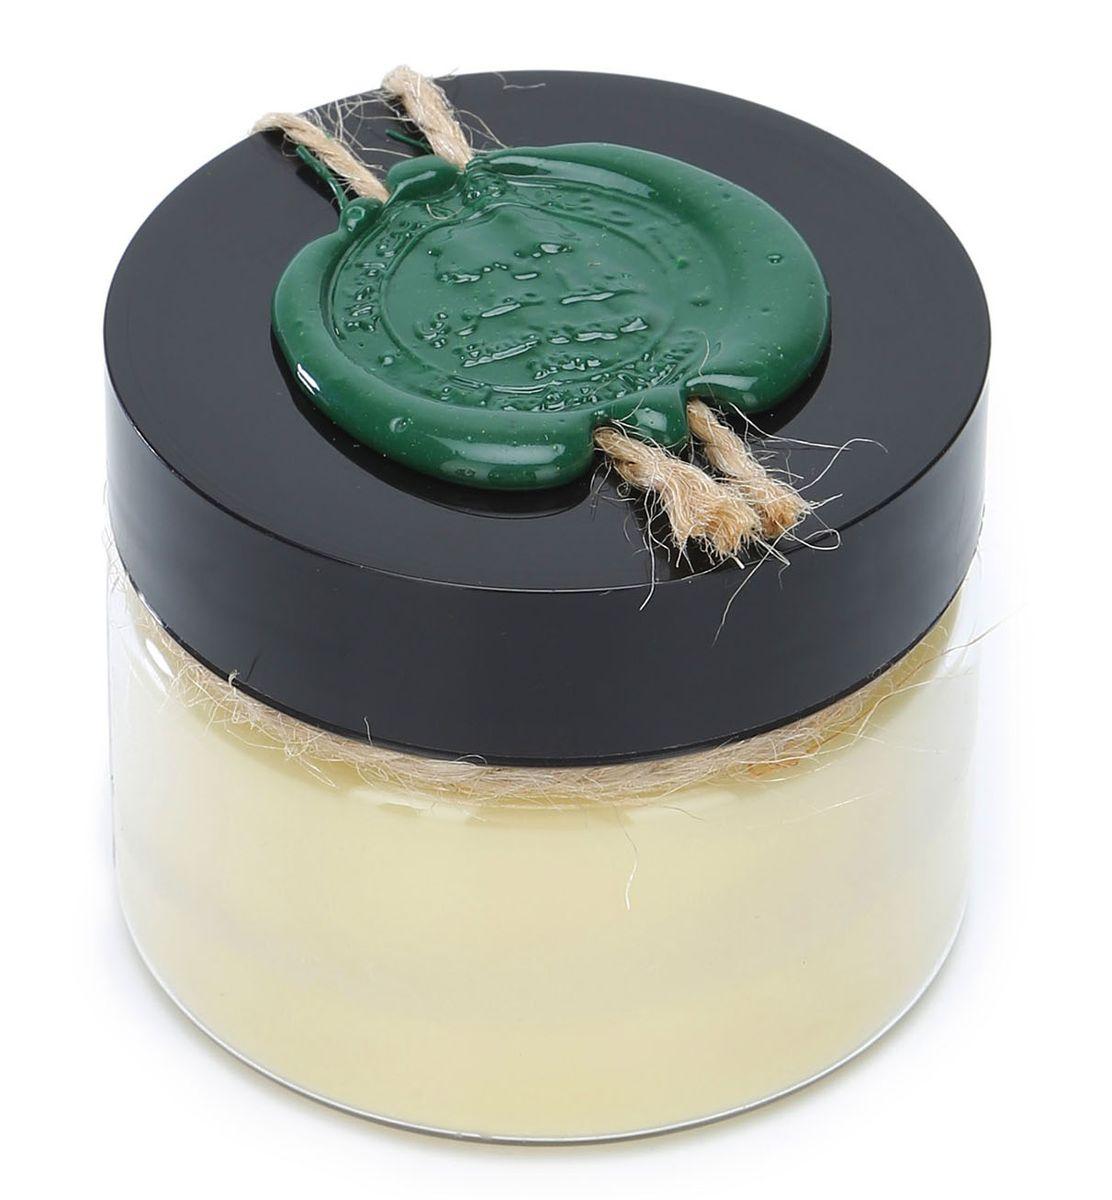 Huilargan Какао масло, 100% органическое, 100 г2990000004116Какао-масло - это базовое масло, получаемый из зерен плодов шоколадного дерева. Это сбалансированный натуральный продукт, оказывающий лечебное действие на весь организм. Его главная отличительная черта заключается в содержании антиоксидантных веществ, способных стимулировать иммунную систему. Большая концентрация олеиновой кислоты позволяет восстанавливать утраченные функции стенок сосудов, повышает их эластичность, уменьшает количество холестерина и полностью очищает кровь, а также нормализует барьерные функции эпидермиса кожи. Масло какао содержит пальминтовую кислоту, что позволяет ему проявлять липофильные свойства, усиливать глубокое проникновение полезных веществ. Токоферолы натуральный витамин F, обладают свойствами увлажнения, повышают выработку коллагена. МАСЛО КАКАО ПРИМЕНЕНИЕ Оно способно сокращать трансэпидермальную потерю влаги (ТЭПВ), покрывать кожу защитной водонепроницаемой плёнкой и удерживать влагу в эпидермисе, поэтому особенно полезно его применять при сухой,...